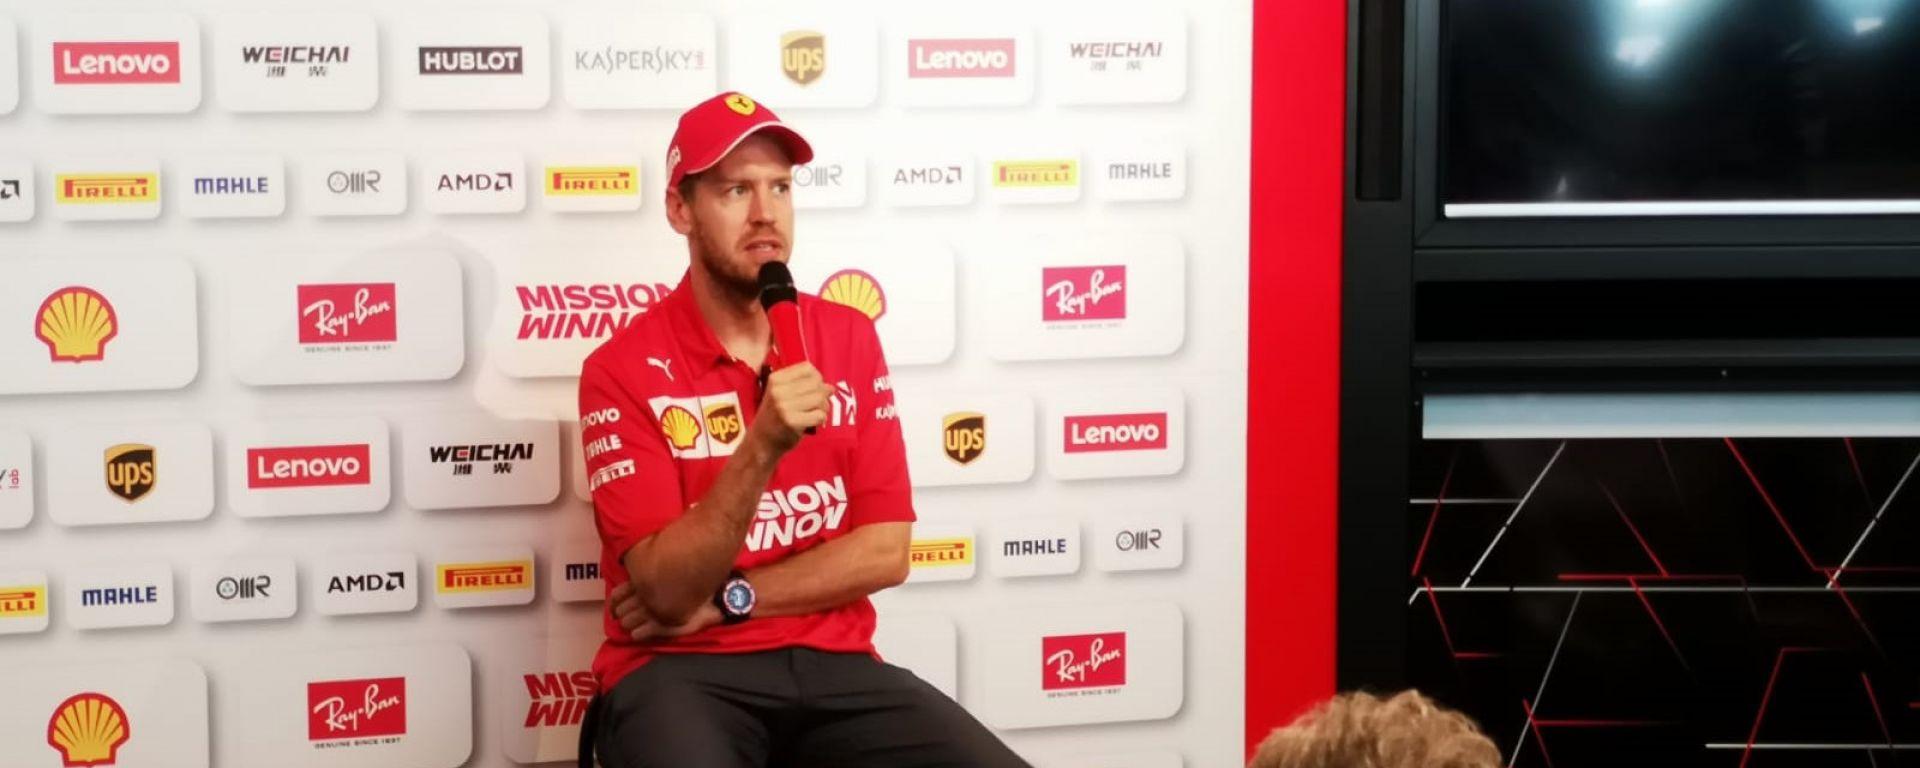 """Monaco, Vettel: """"Non vedremo qui se la Ferrari è migliorata"""""""